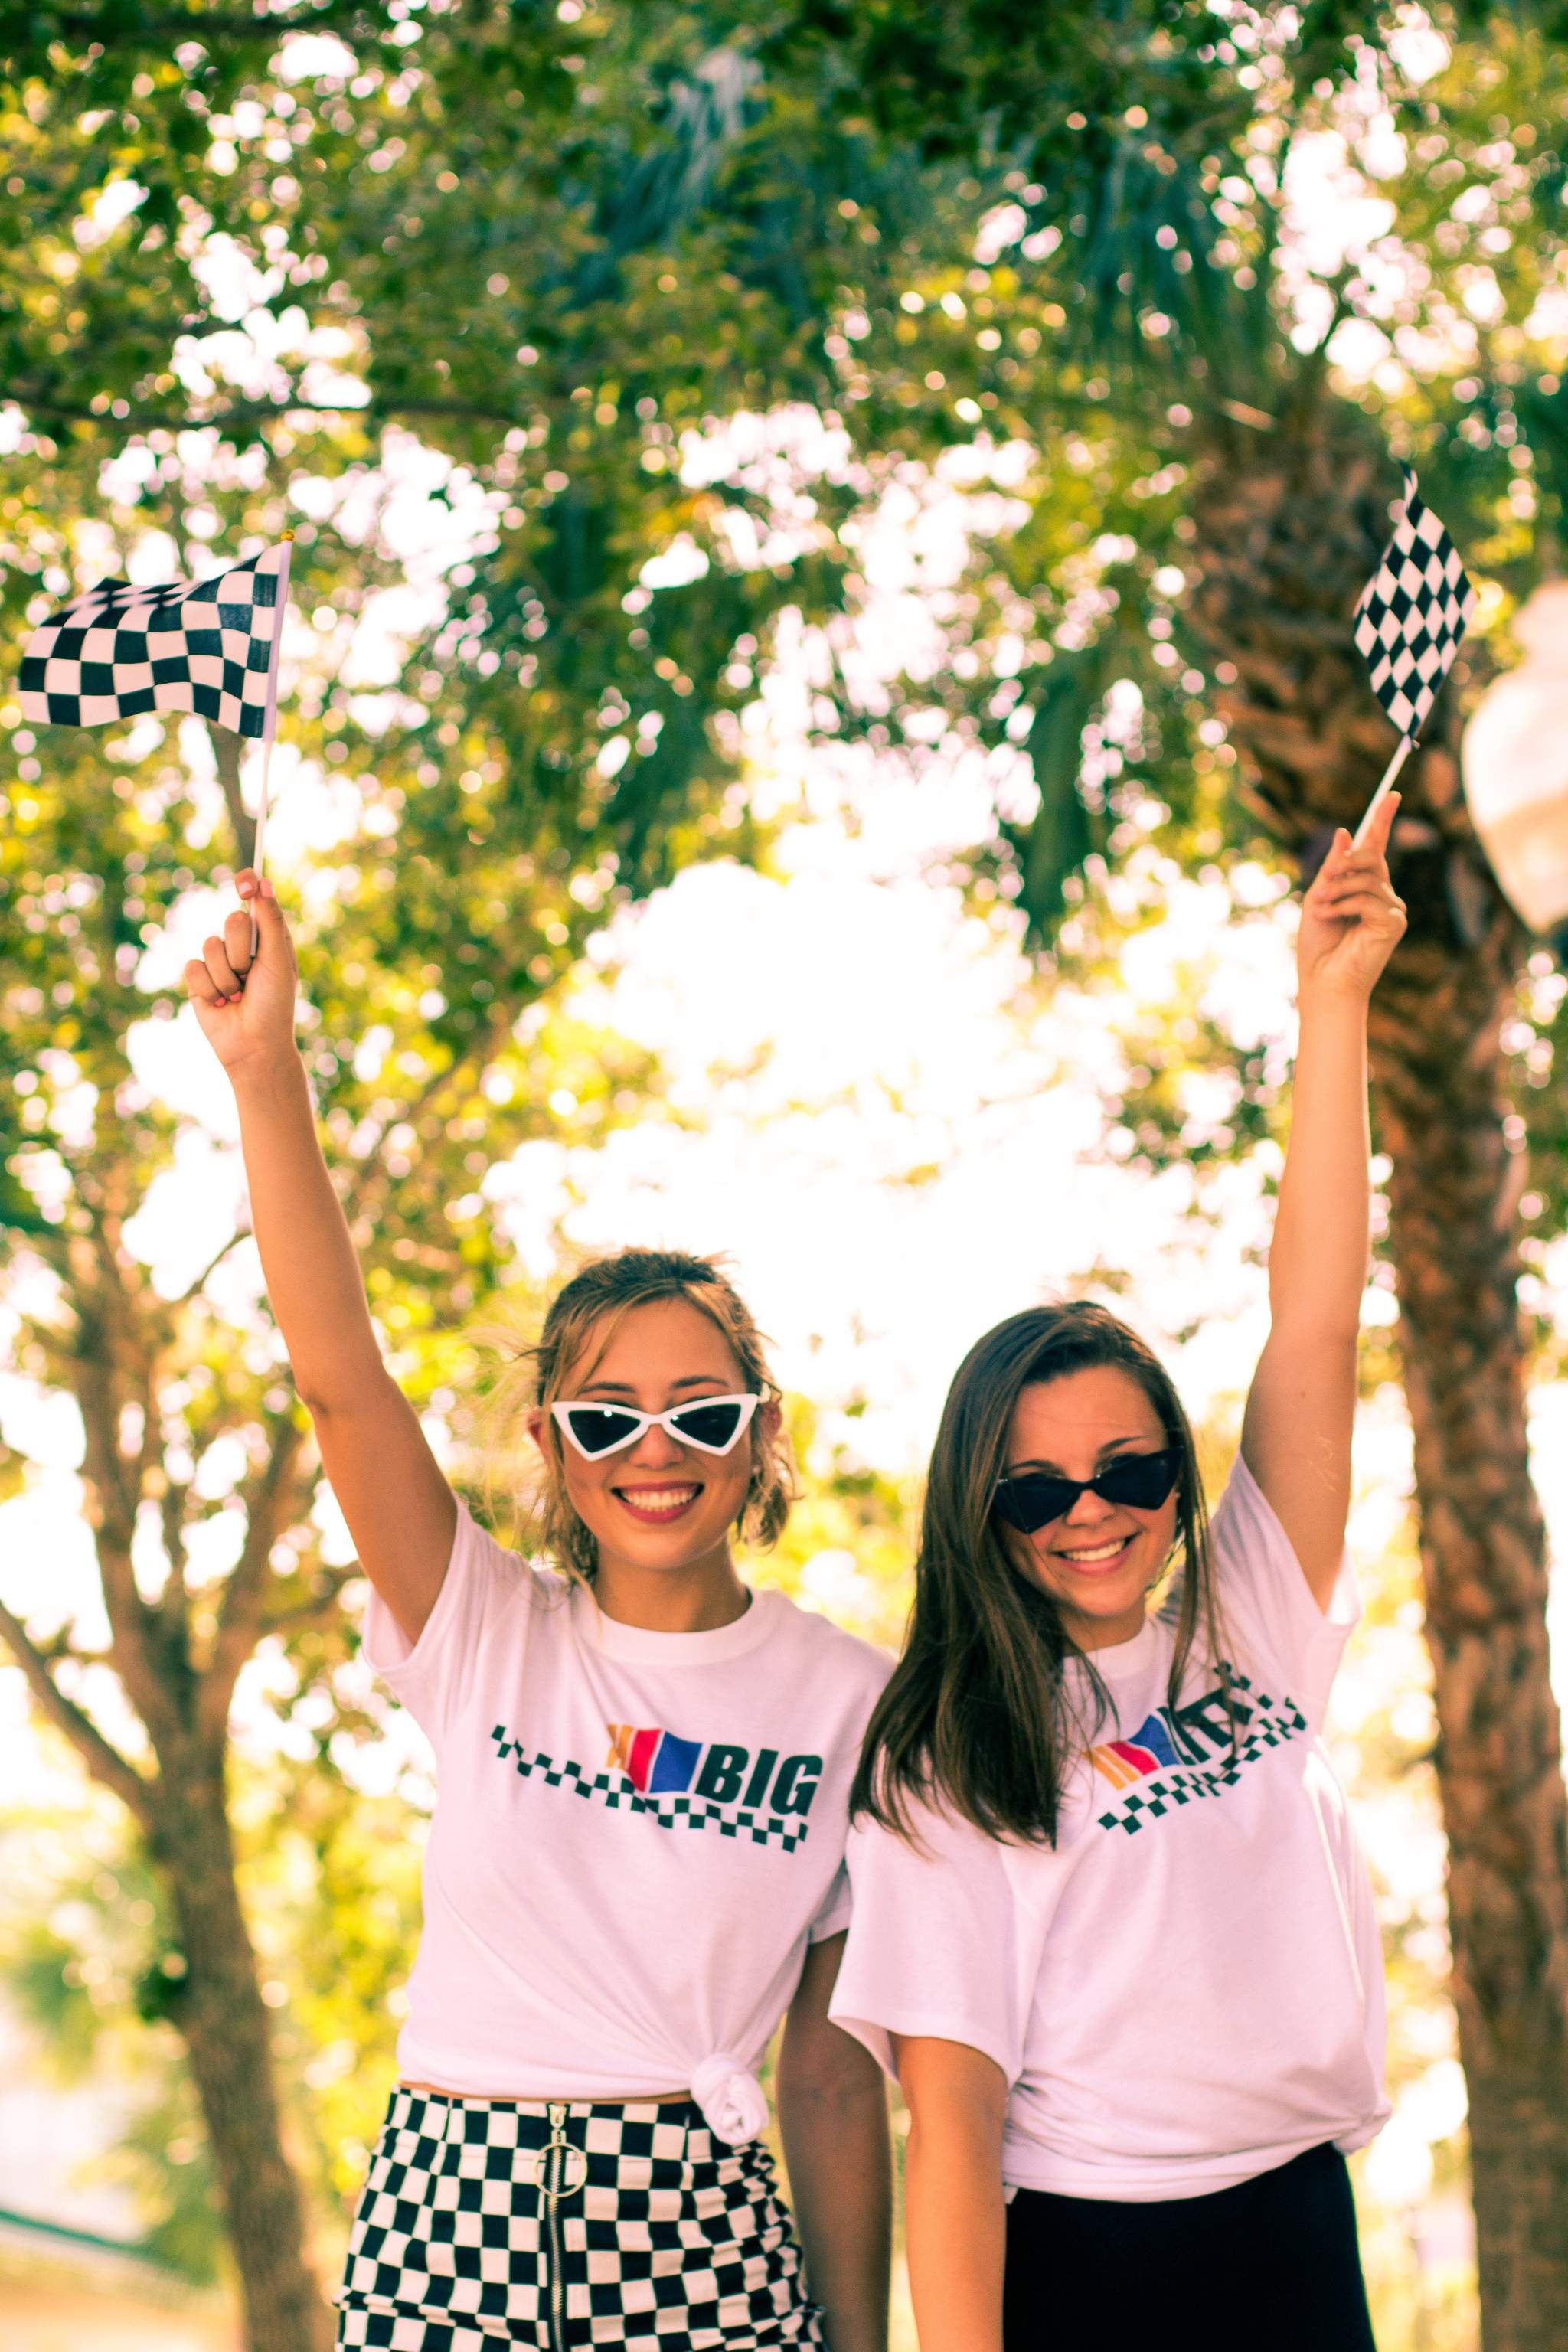 NASCAR Racing Big Little Gildan Short Sleeve #biglittlerevealthemes